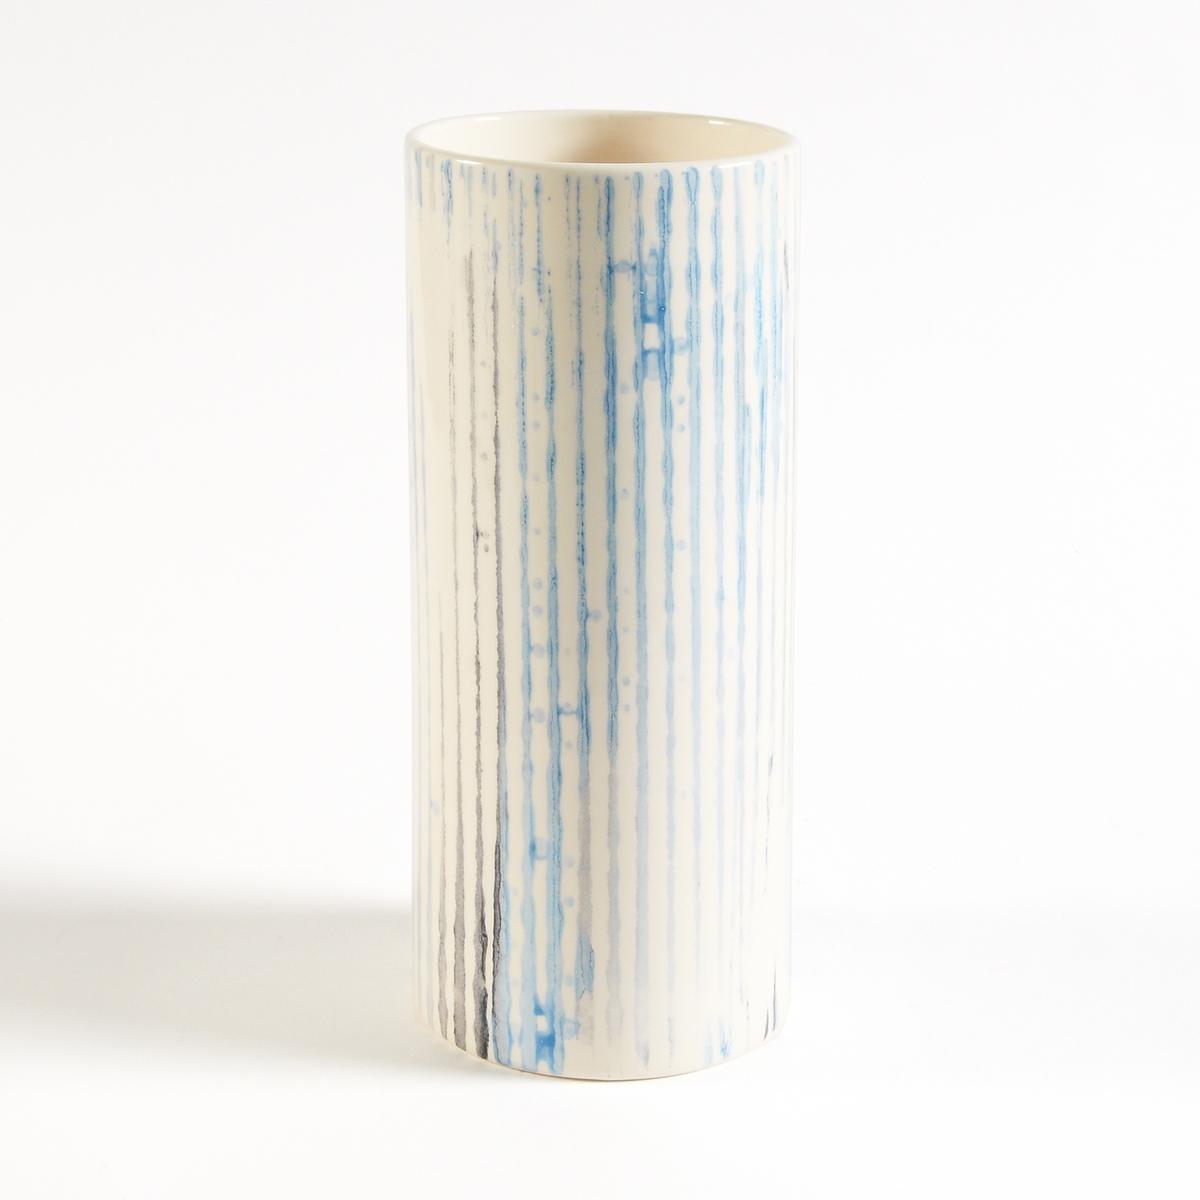 Ваза керамическая, покрытая эмалью, AtniqueКерамическая ваза Atnique добавит яркую нотку в ваш декор  . Ваши цветы будут выглядеть еще ярче . Характеристики керамической вазы с покрытием эмалью, Atnique :    Ваза в форме трубы из эмалированной крашенной керамики   .Найдите другие вазы на сайте laredoute    .ru.Размеры керамической вазы с покрытием эмалью :Размеры  : ?12,5 x В30 см .<br><br>Цвет: синий